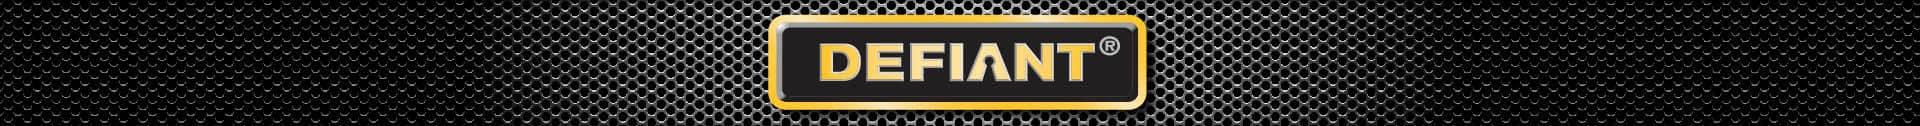 Defiant brand banner